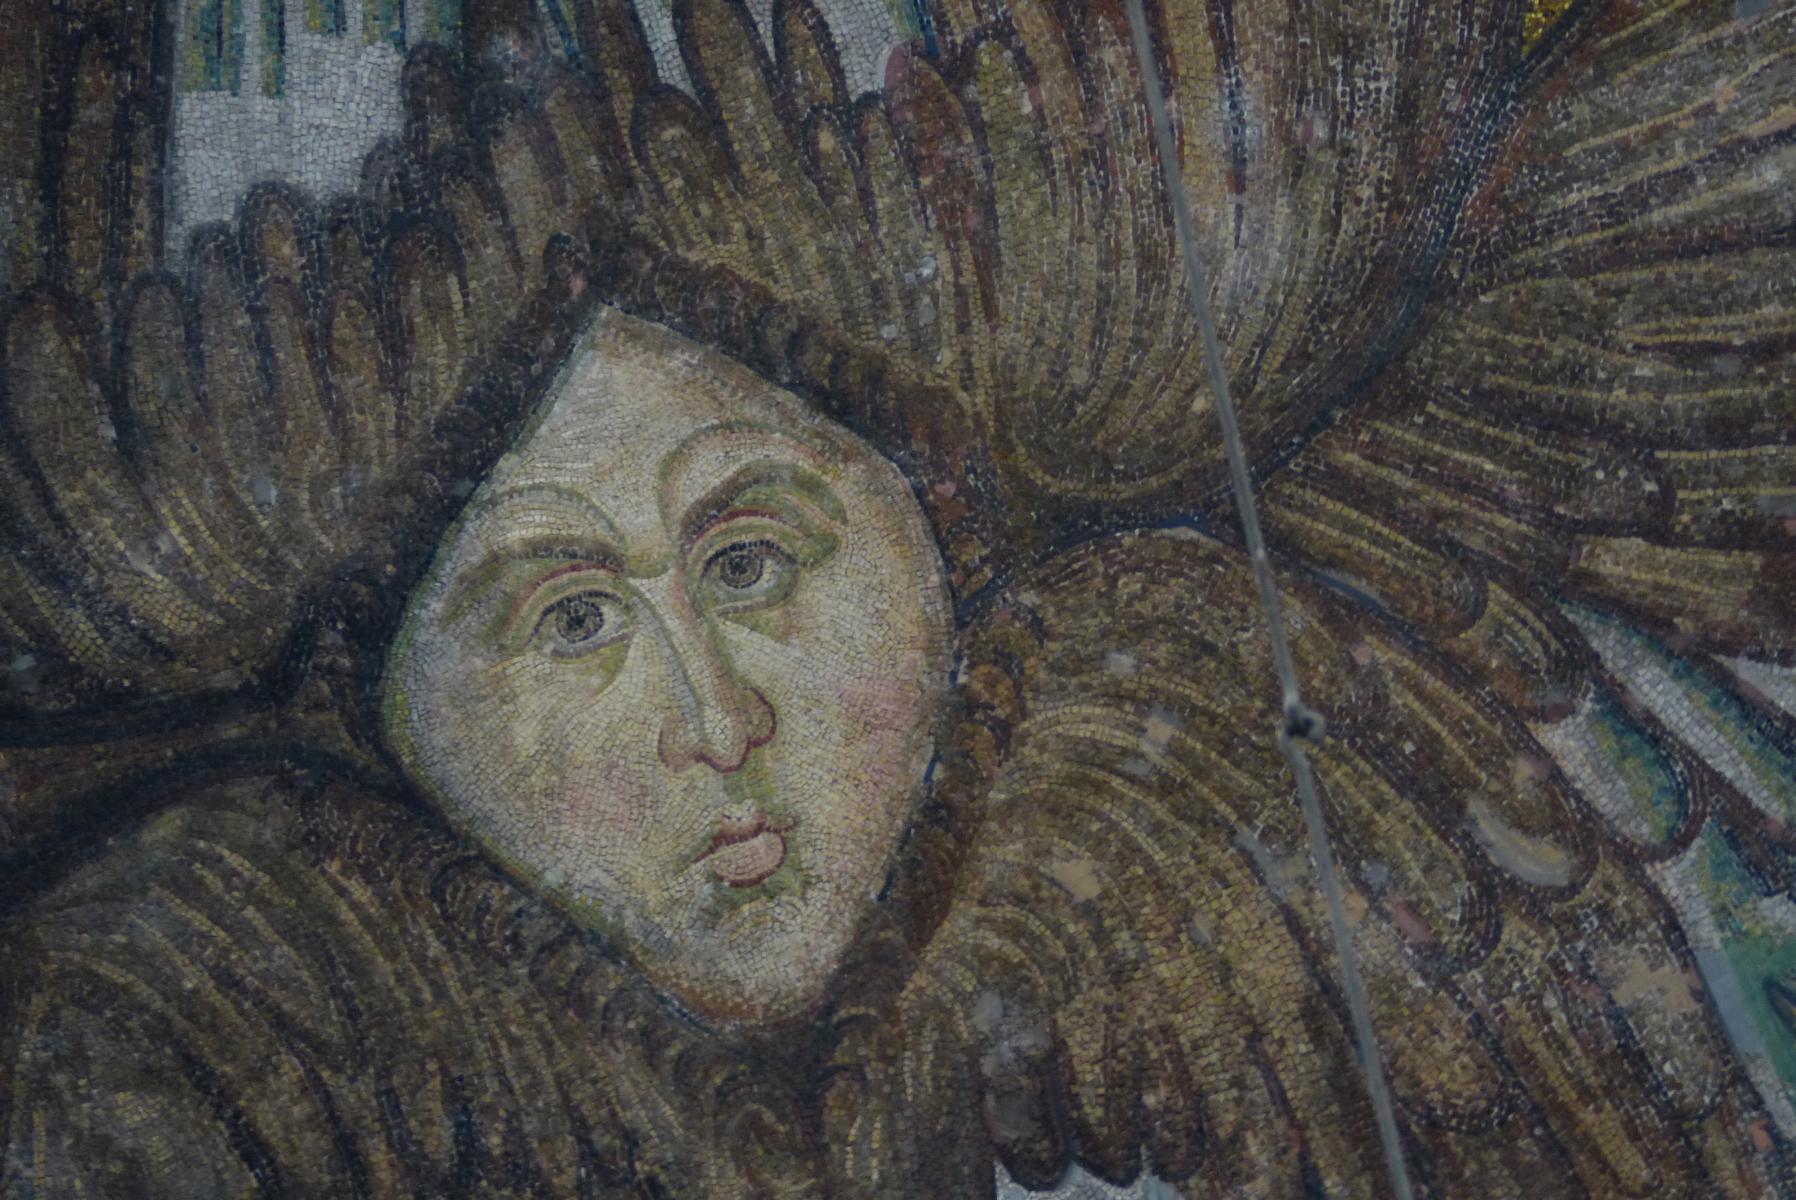 """Erst 2010 wieder freigelegt wurden die frühbyzantinischen Seraphen der Zentralkuppel. Seraphen sind feurige Engel, die um Gottes Thron fliegen und immerfort """"Heilig, heilig, heilig!"""" rufen."""